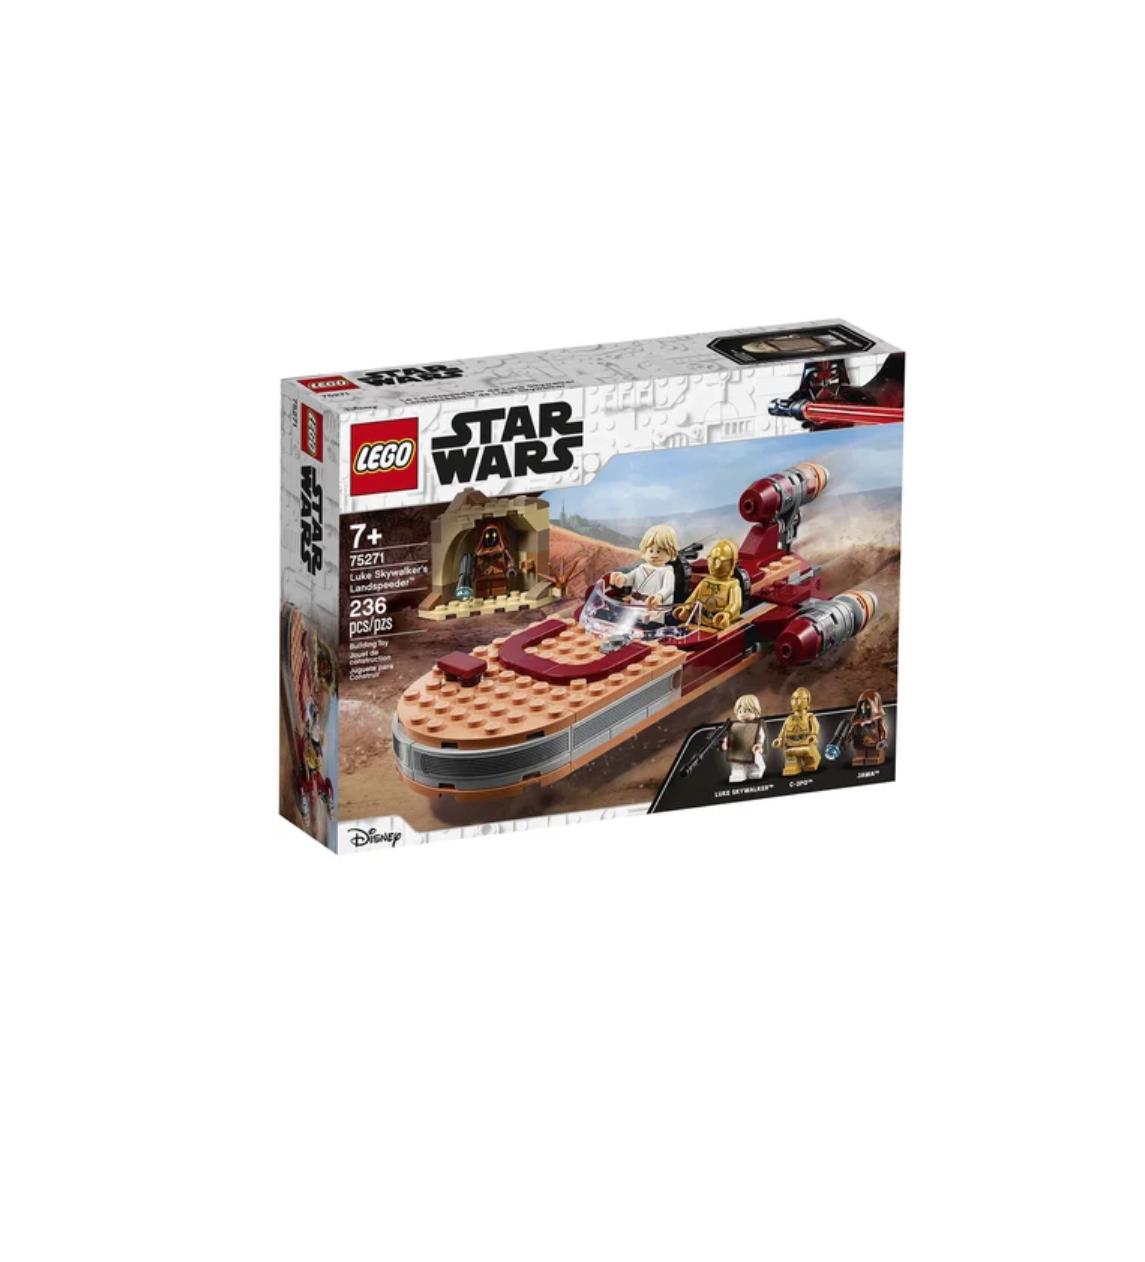 LEGO STAR WARS LUKE SKYWALKER'S LANDSPEEDER 75271 JOUET JEU JEUX ITEM 6289001 CONSTRUCTION ENFANT NOEL NEUF 5702016617177 COMASOUND KARTEL CSK ONLINE